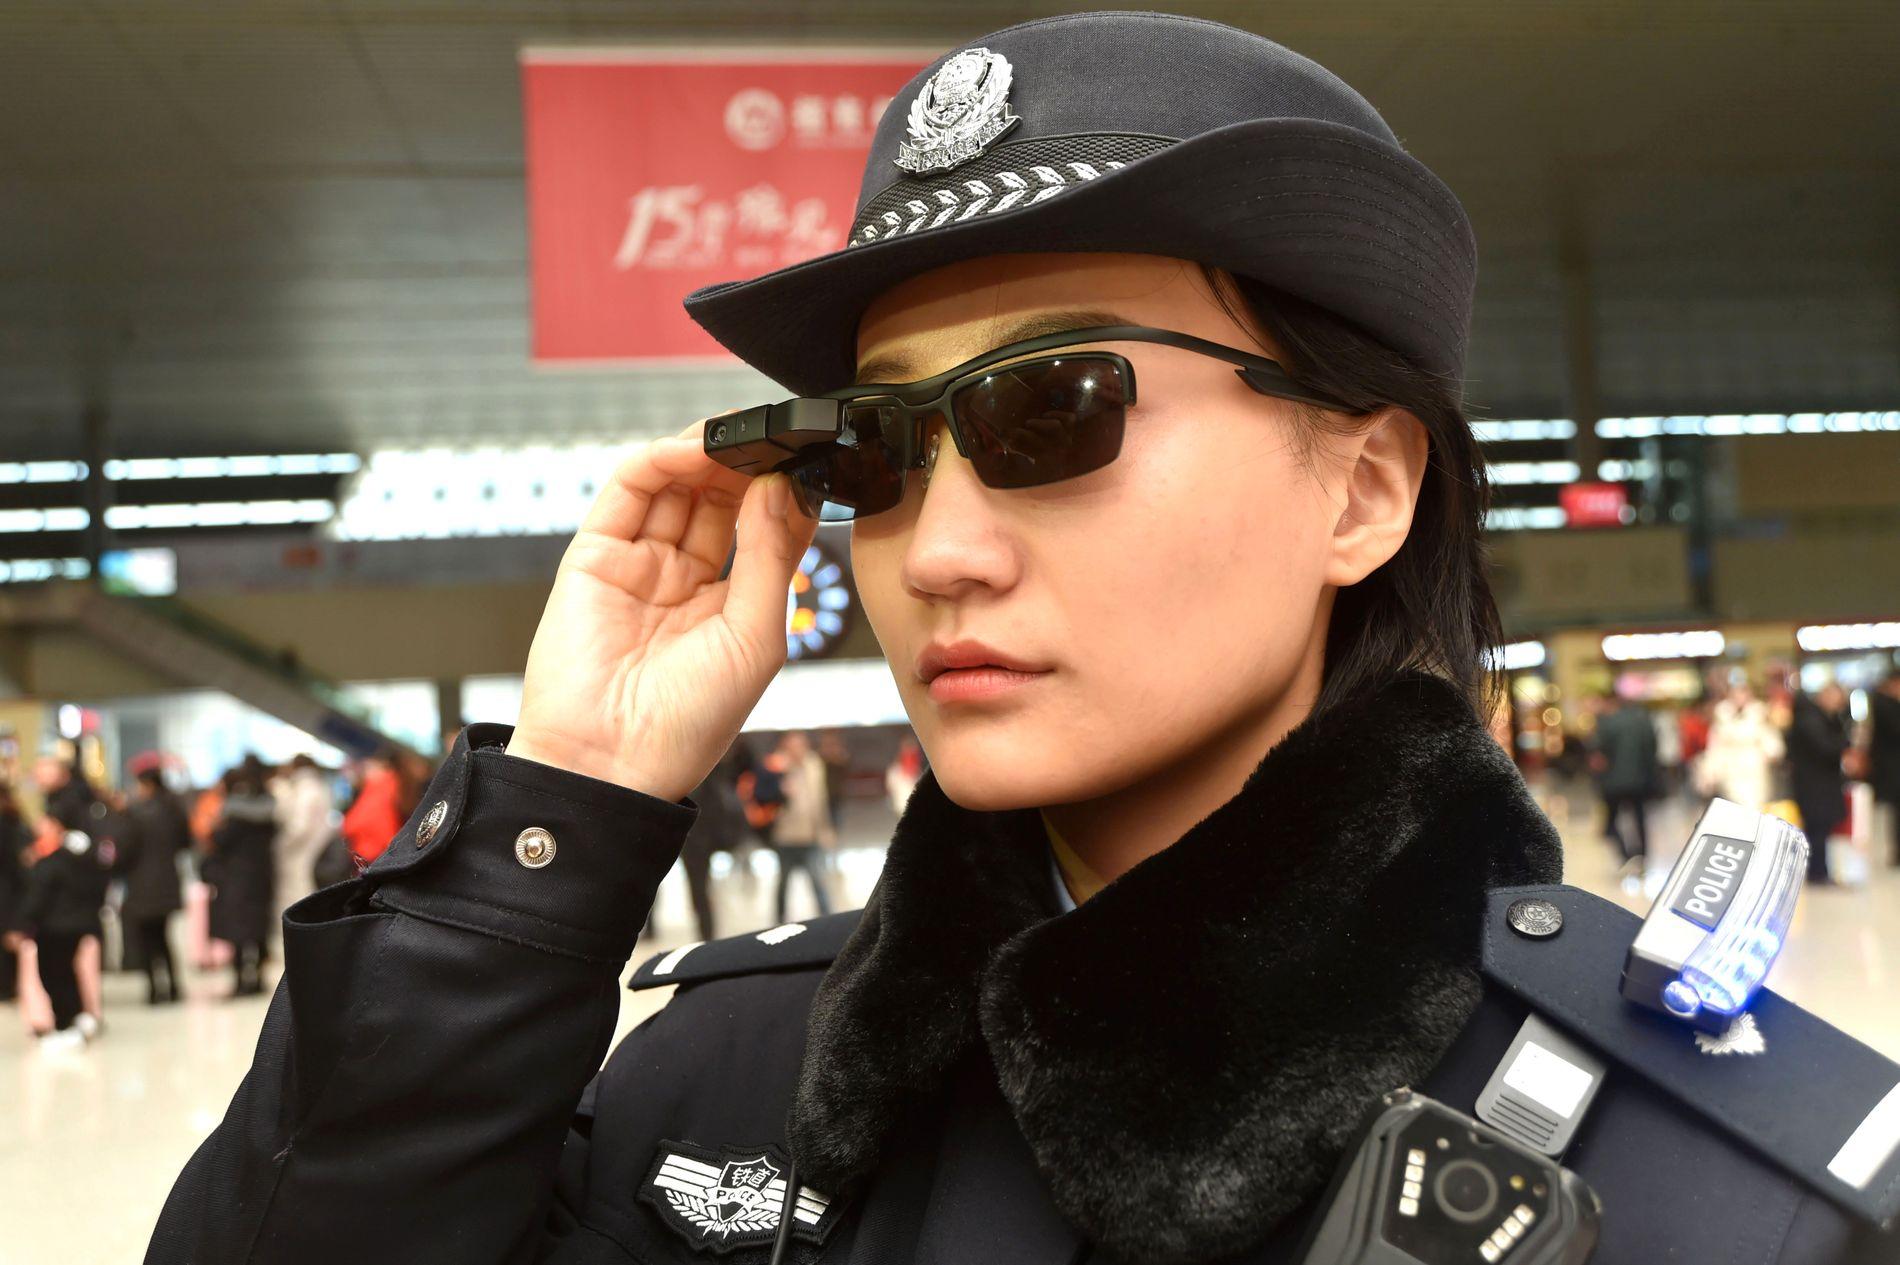 NYE BRILLER: Politiet i Kina har tatt i bruk disse brillene for å bekjempe terror.